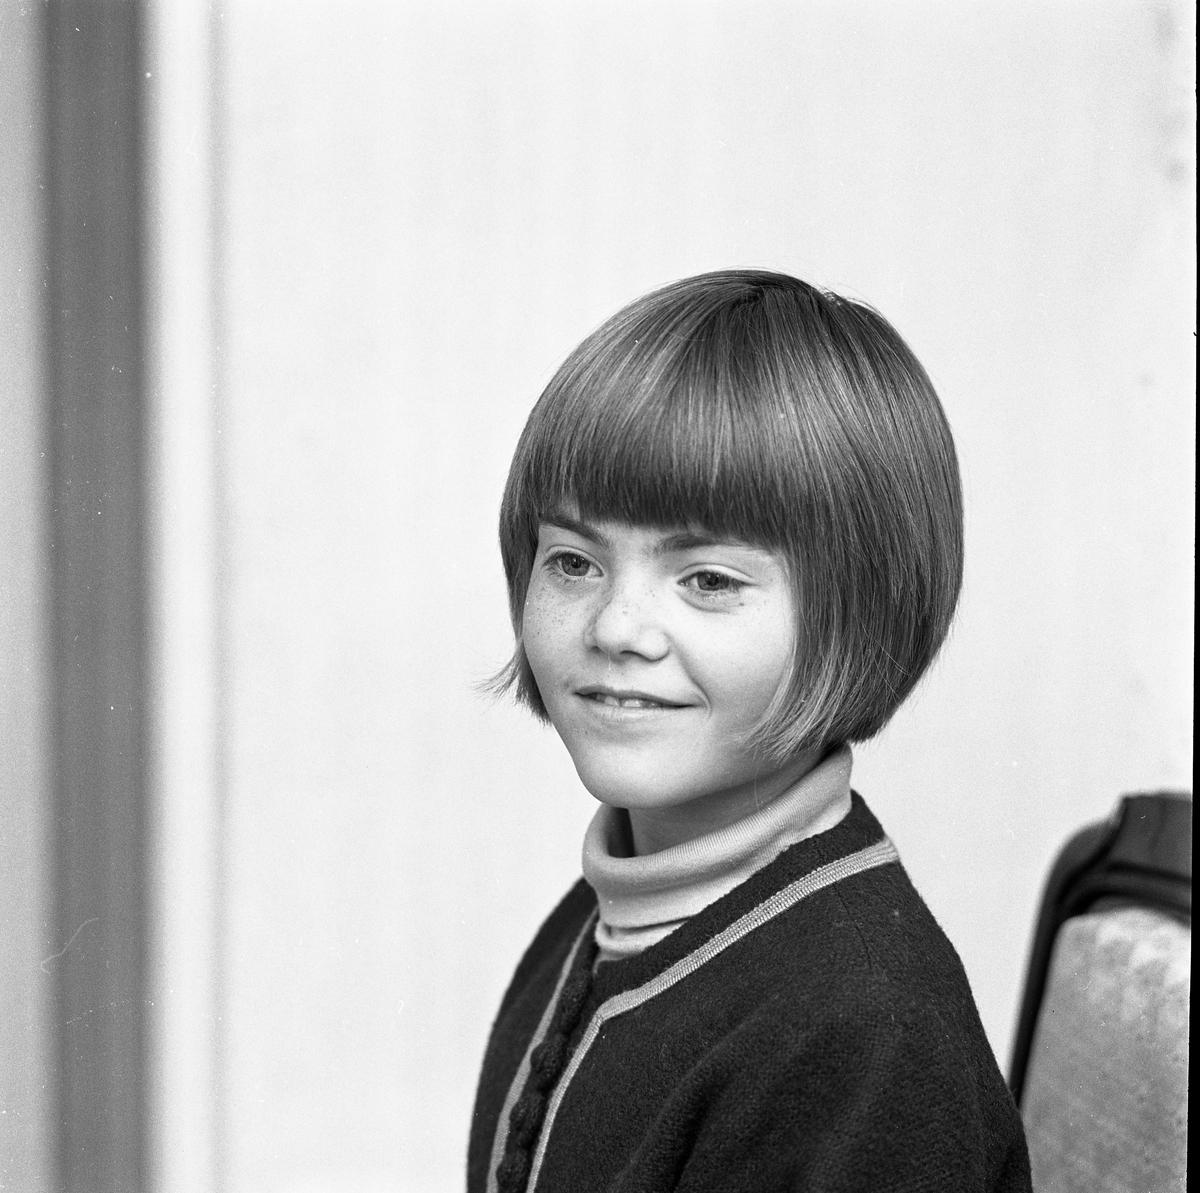 Cecilia Ohlsson, kandidat till Barnens Dagsprinsessan. Porträtt av flicka.